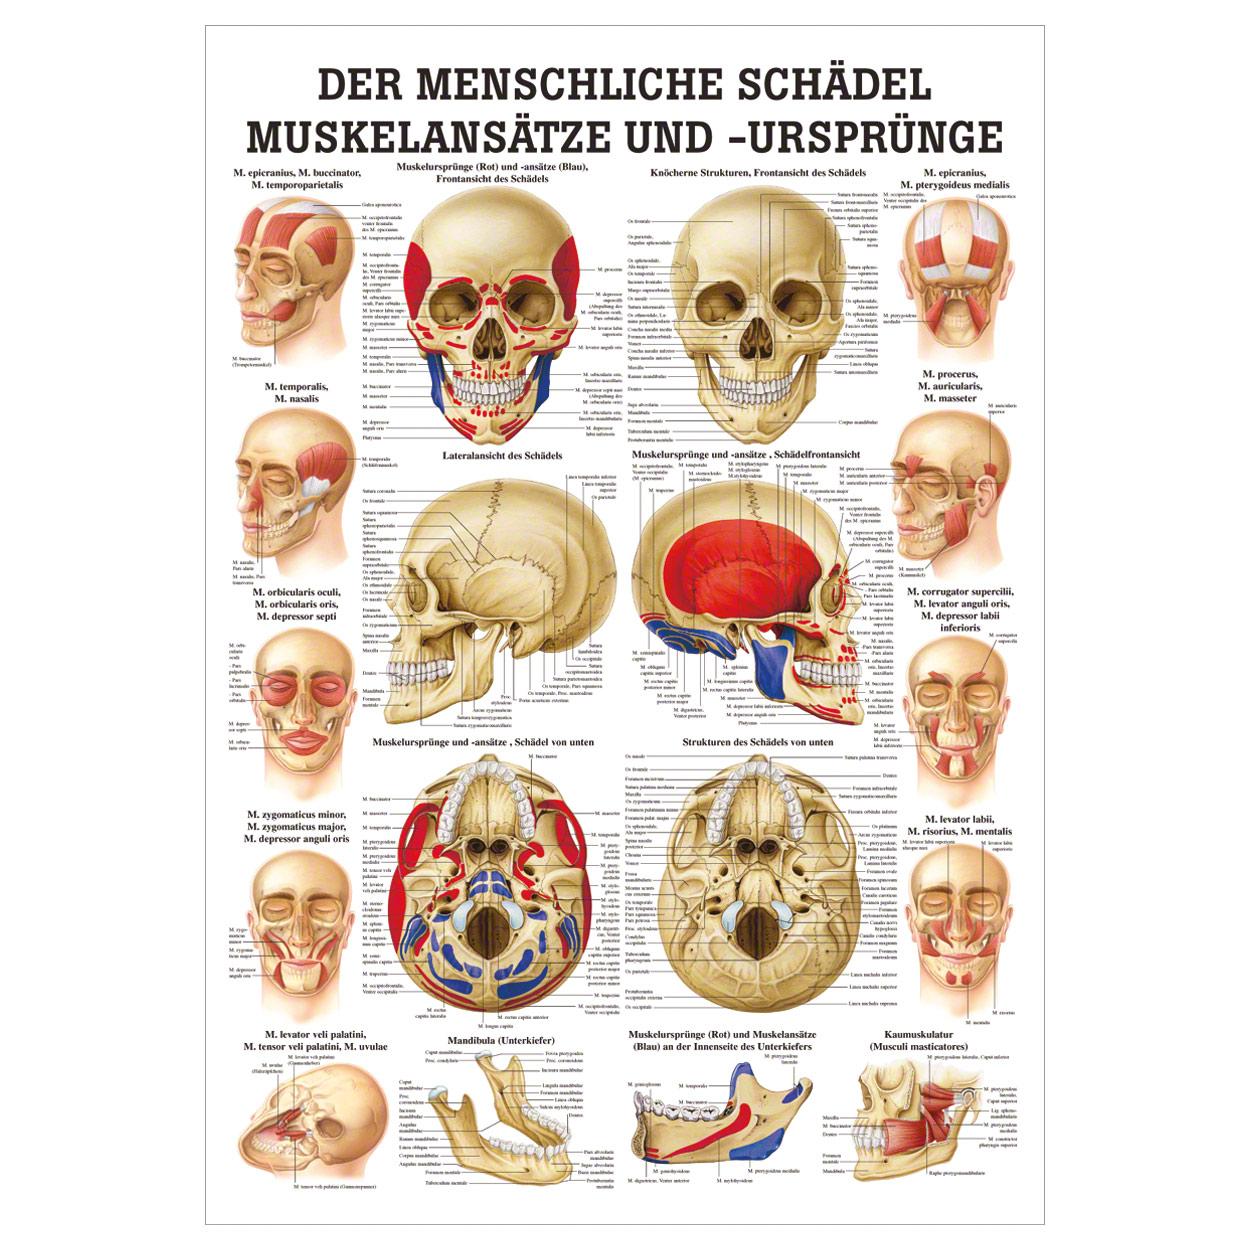 Großzügig Rückseite Des Schädels Diagramm Bilder - Physiologie Von ...